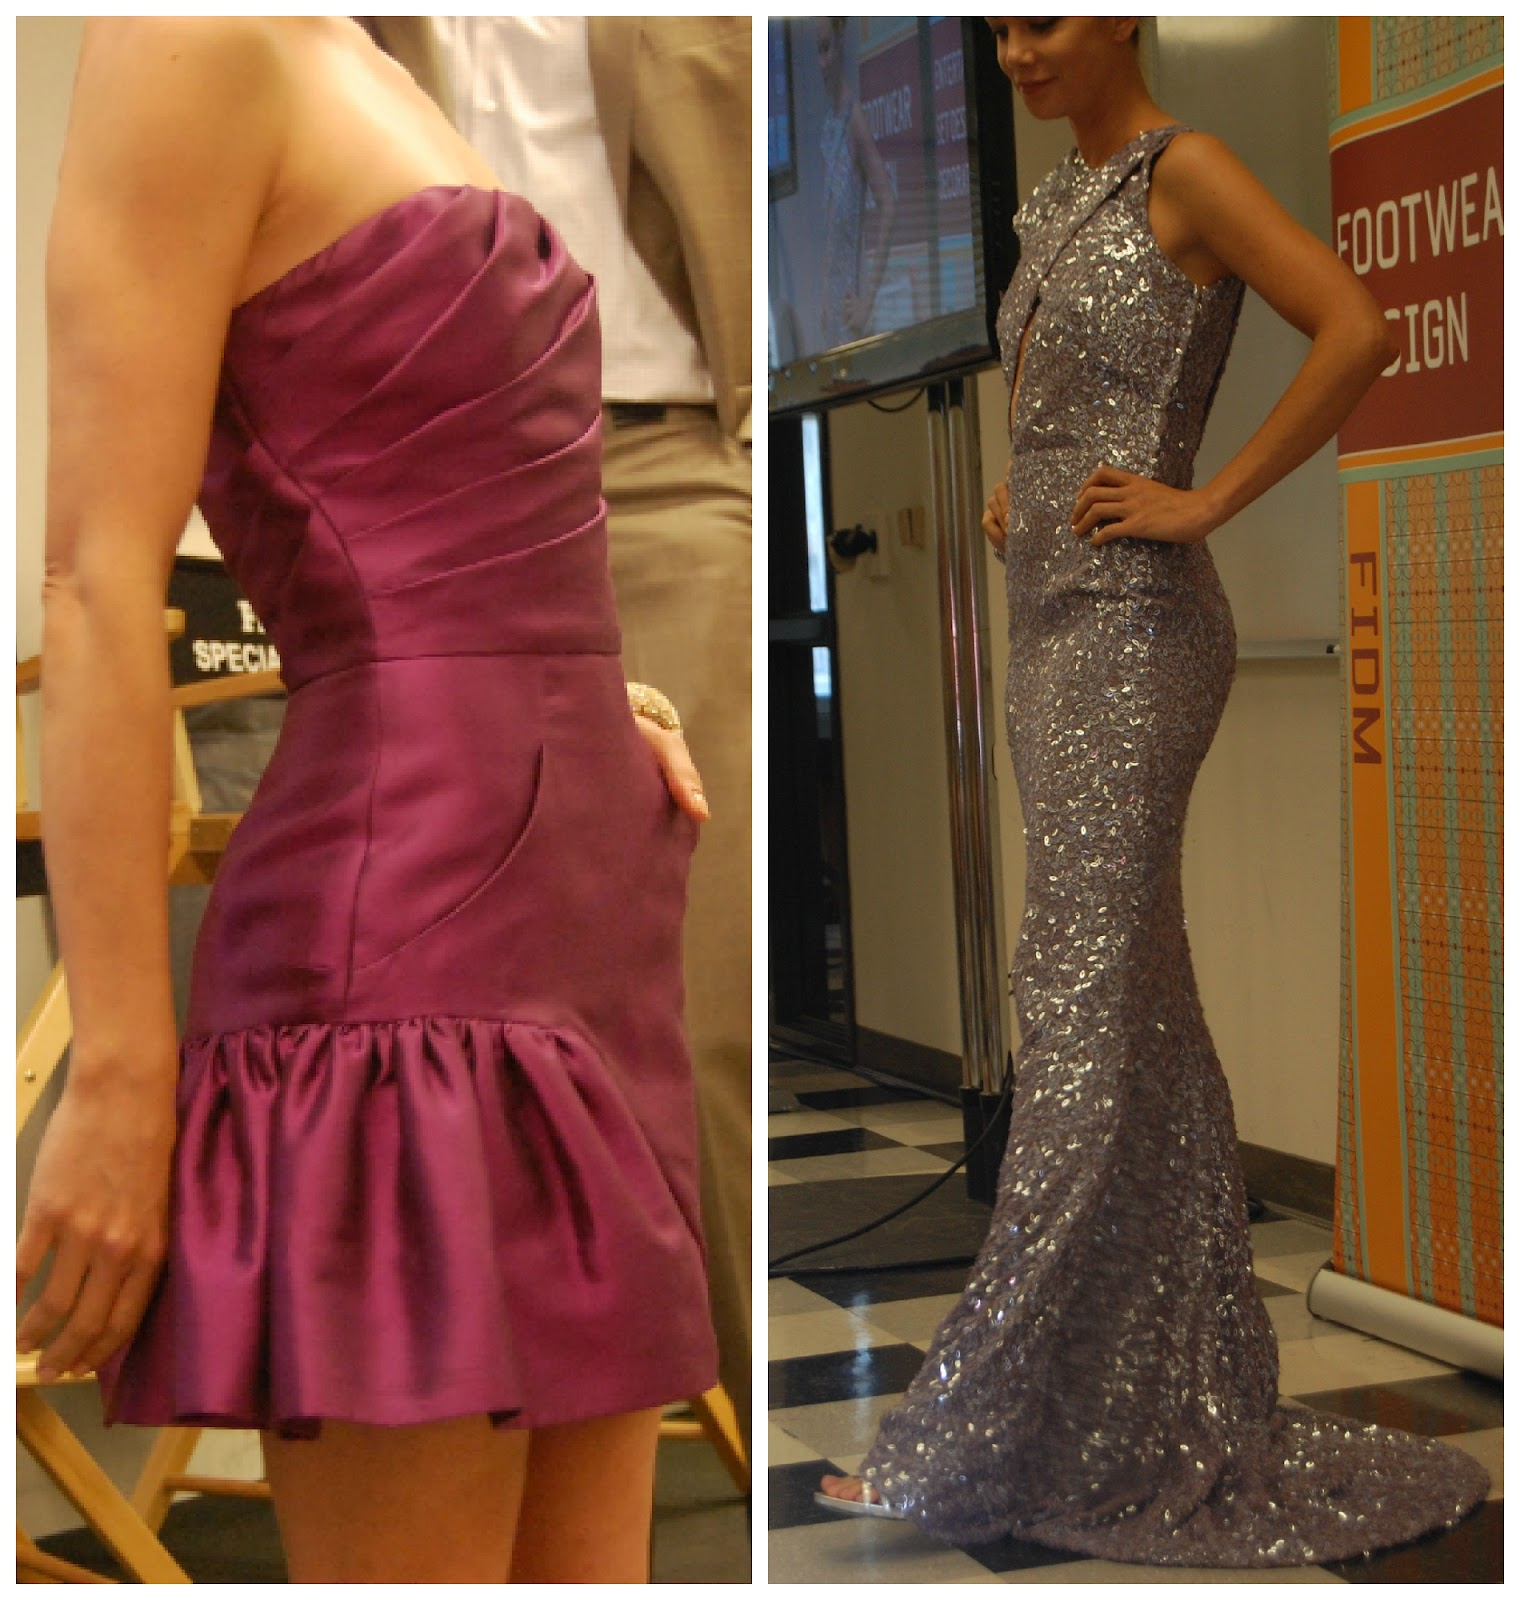 http://4.bp.blogspot.com/-EPI1CHHF71E/T-yb2W0pmOI/AAAAAAAAAIs/hFVNe6rwx6M/s1600/nick+verreos+dresses.jpg